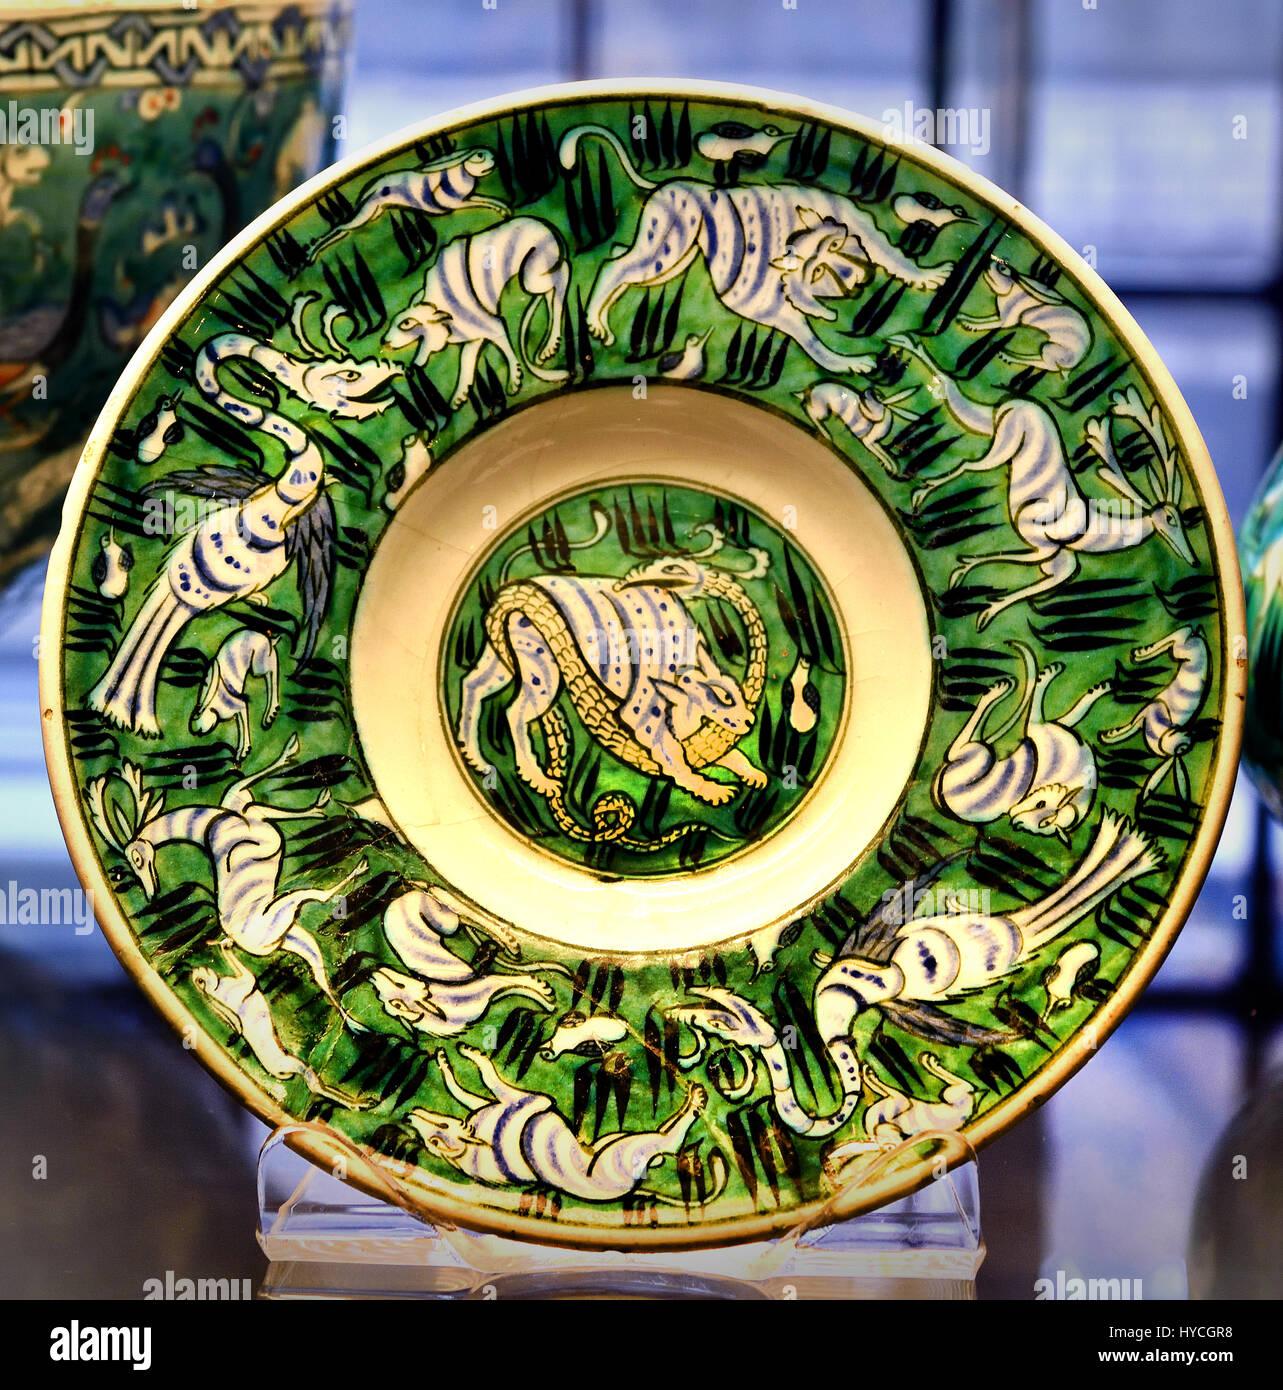 Plato decorado con real y criaturas fantásticas incluyendo un pájaro mítico iraní Simurgh ( Imagen De Stock